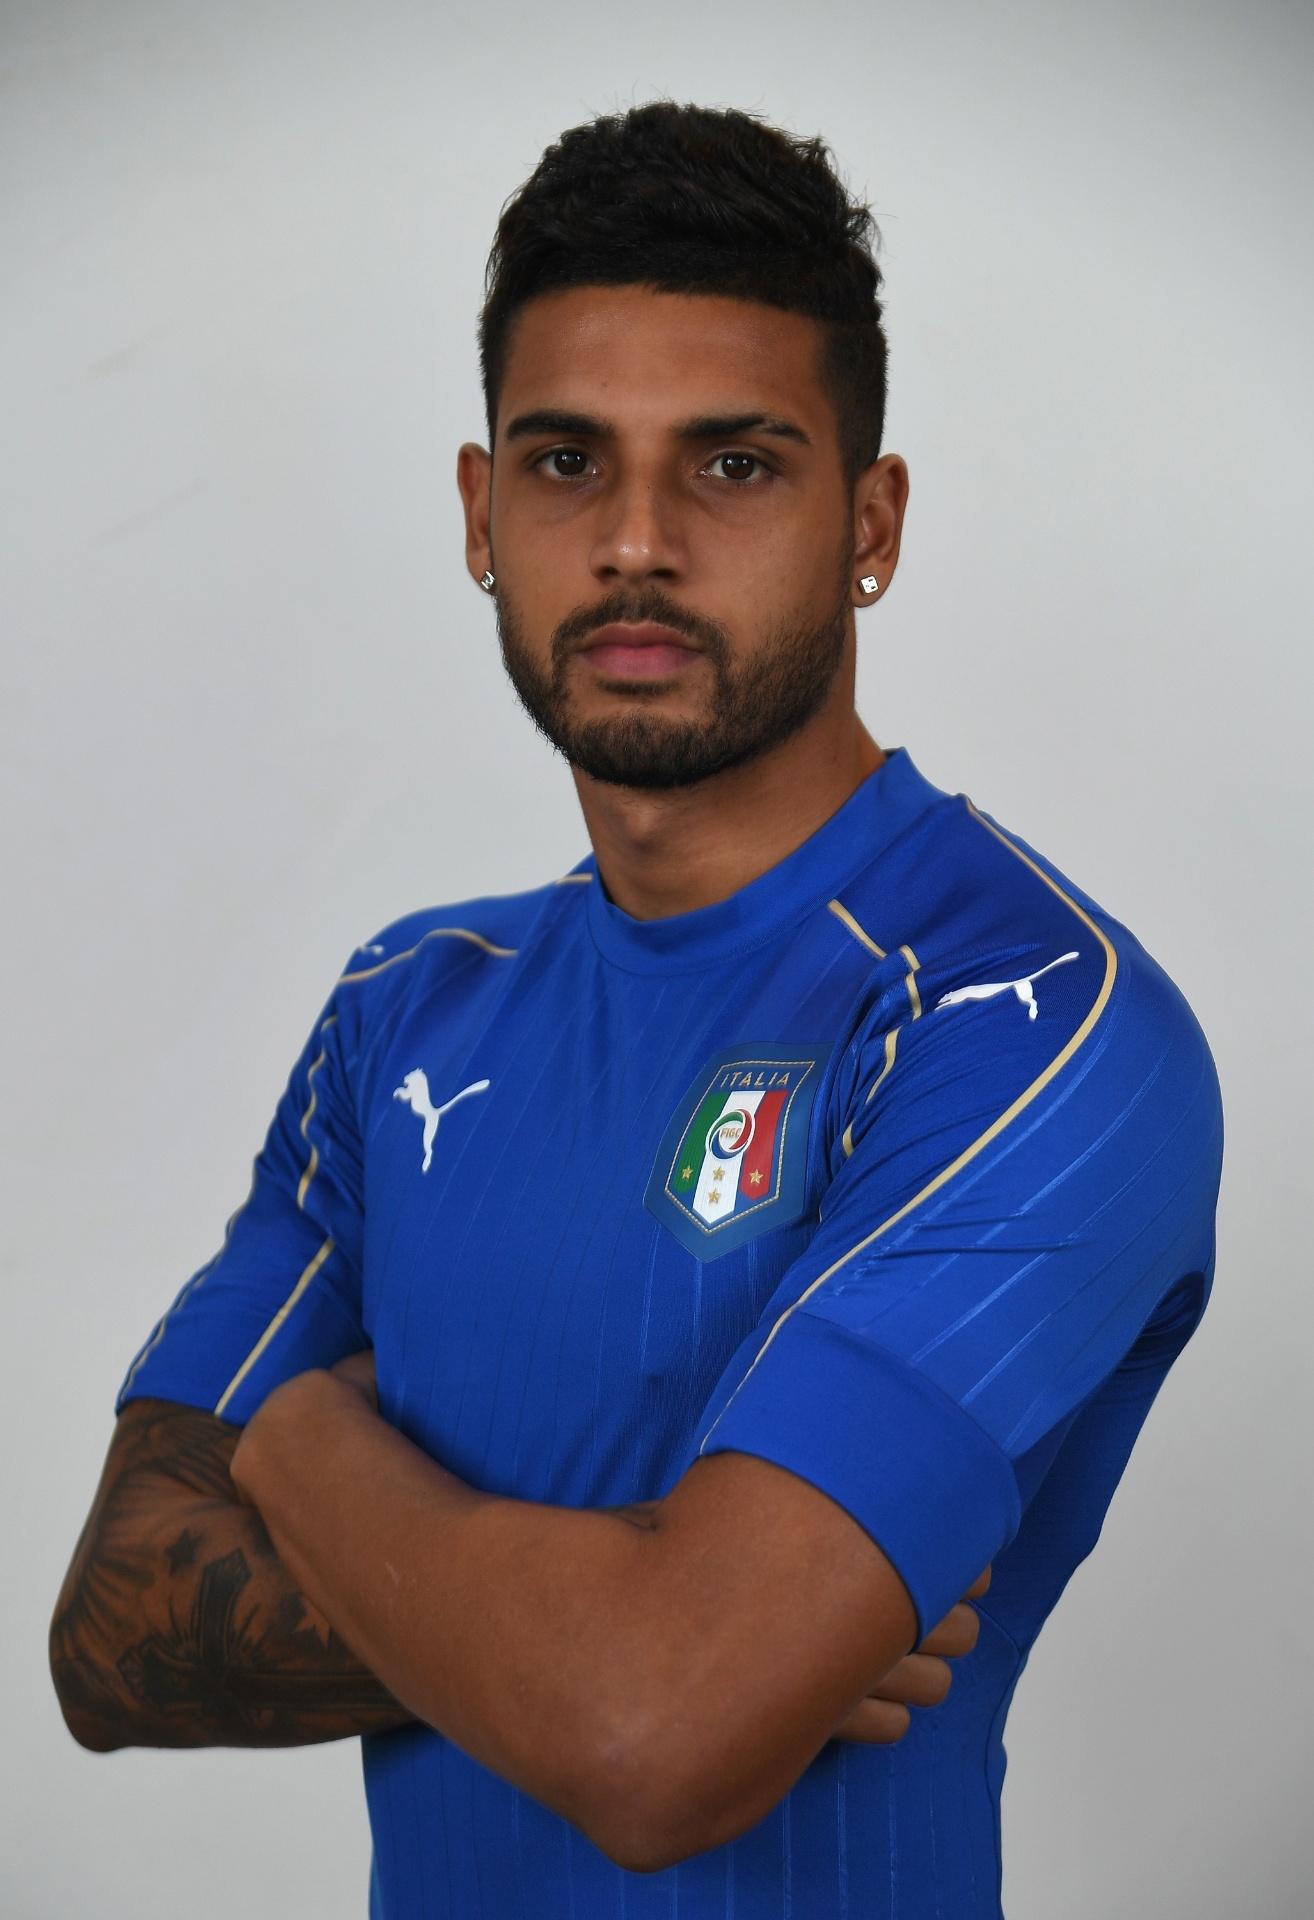 e83347c1f5 Chelsea oficializa contratação do lateral brasileiro Emerson Palmieri -  Esporte - BOL